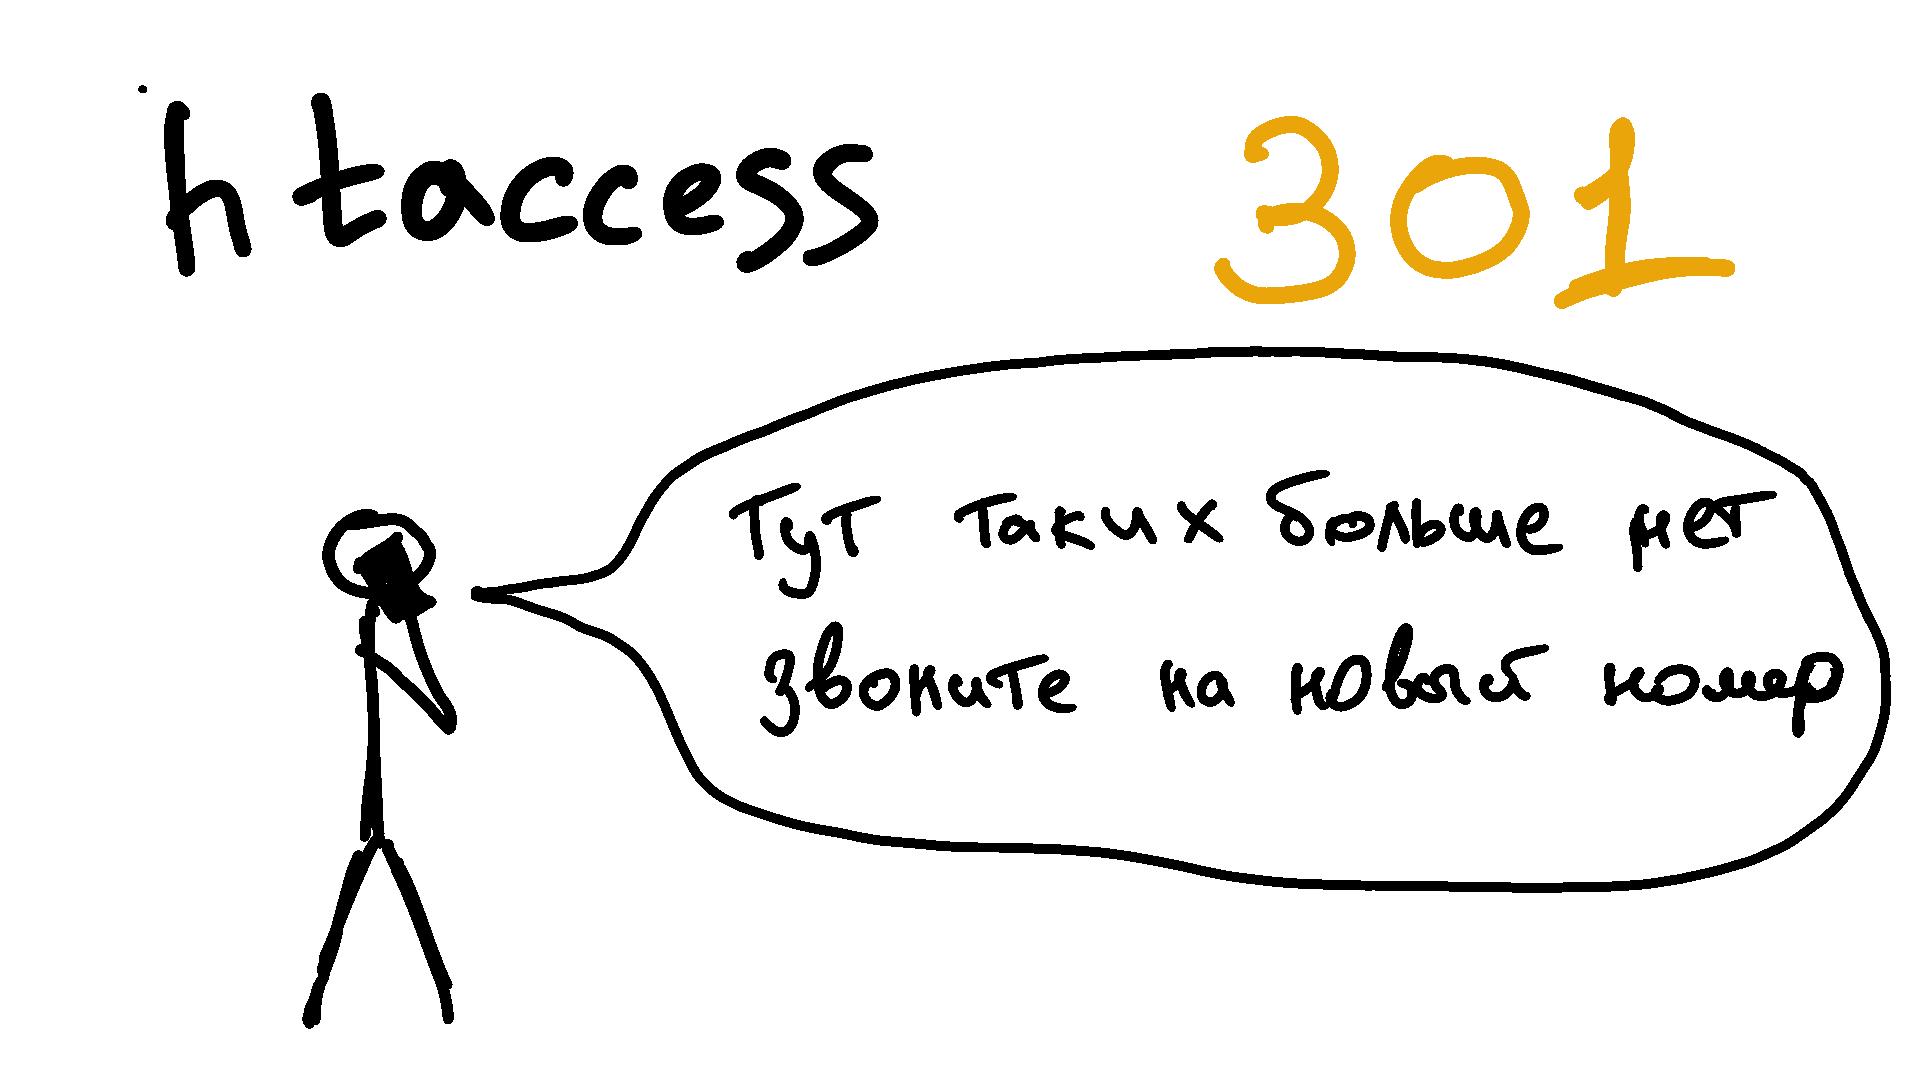 Как в htaccess сделать 301 редирект с одного домен на другой.